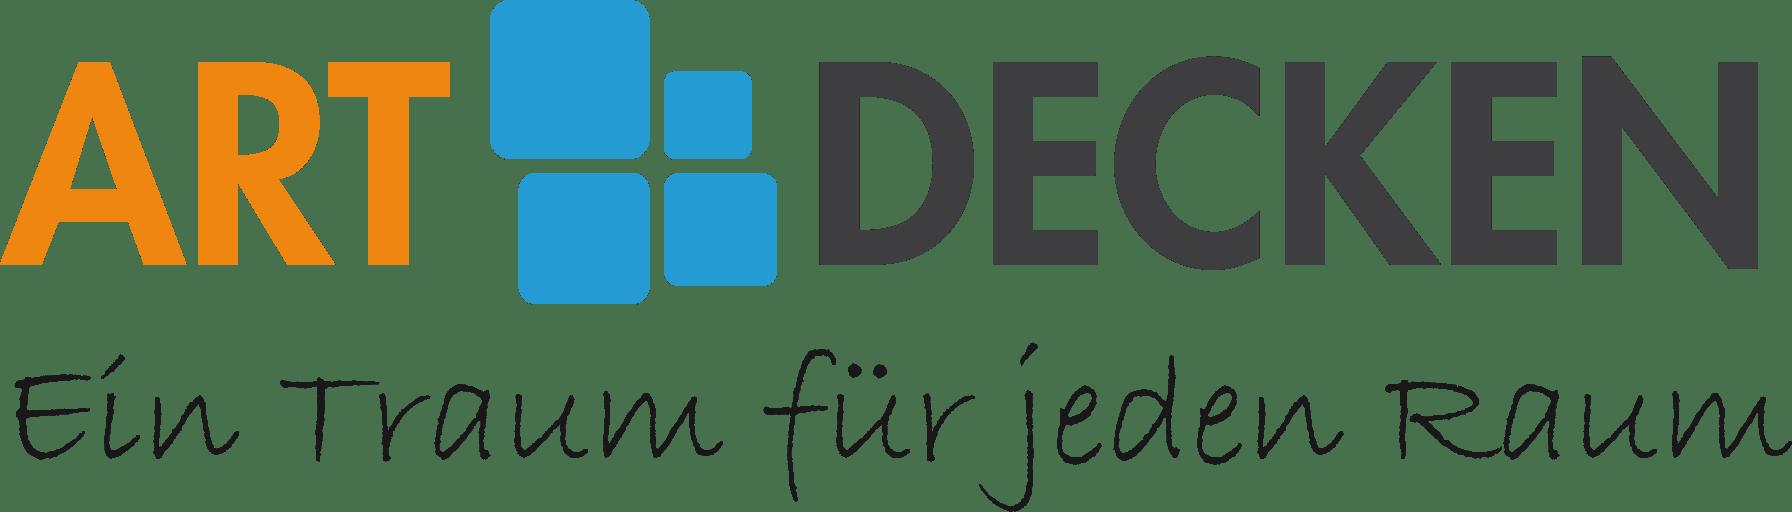 Art Decken Logo